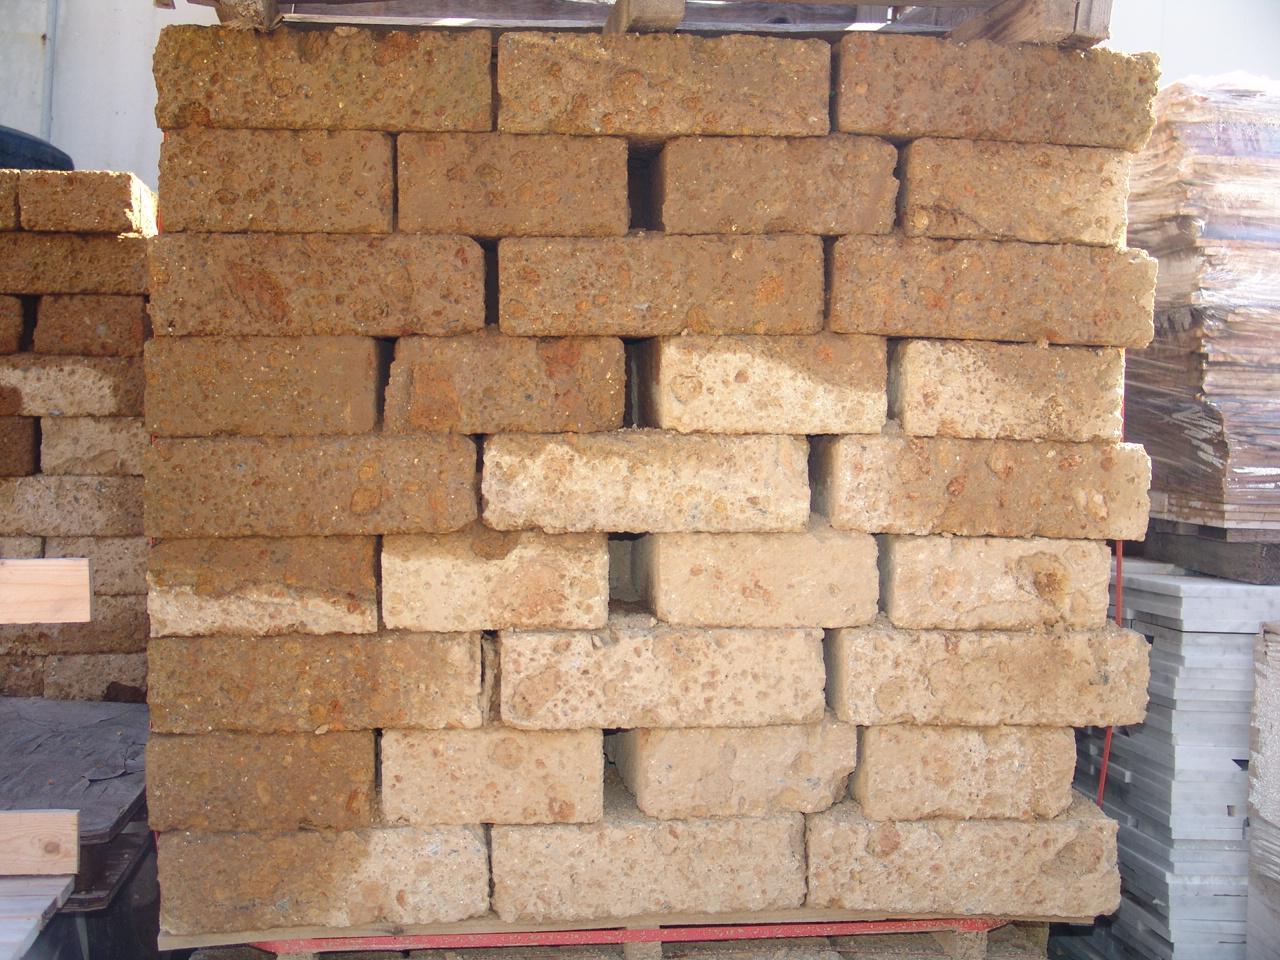 Zem enrico marmi prezzi sassi rivestimento muri super for Sassi x giardino prezzi